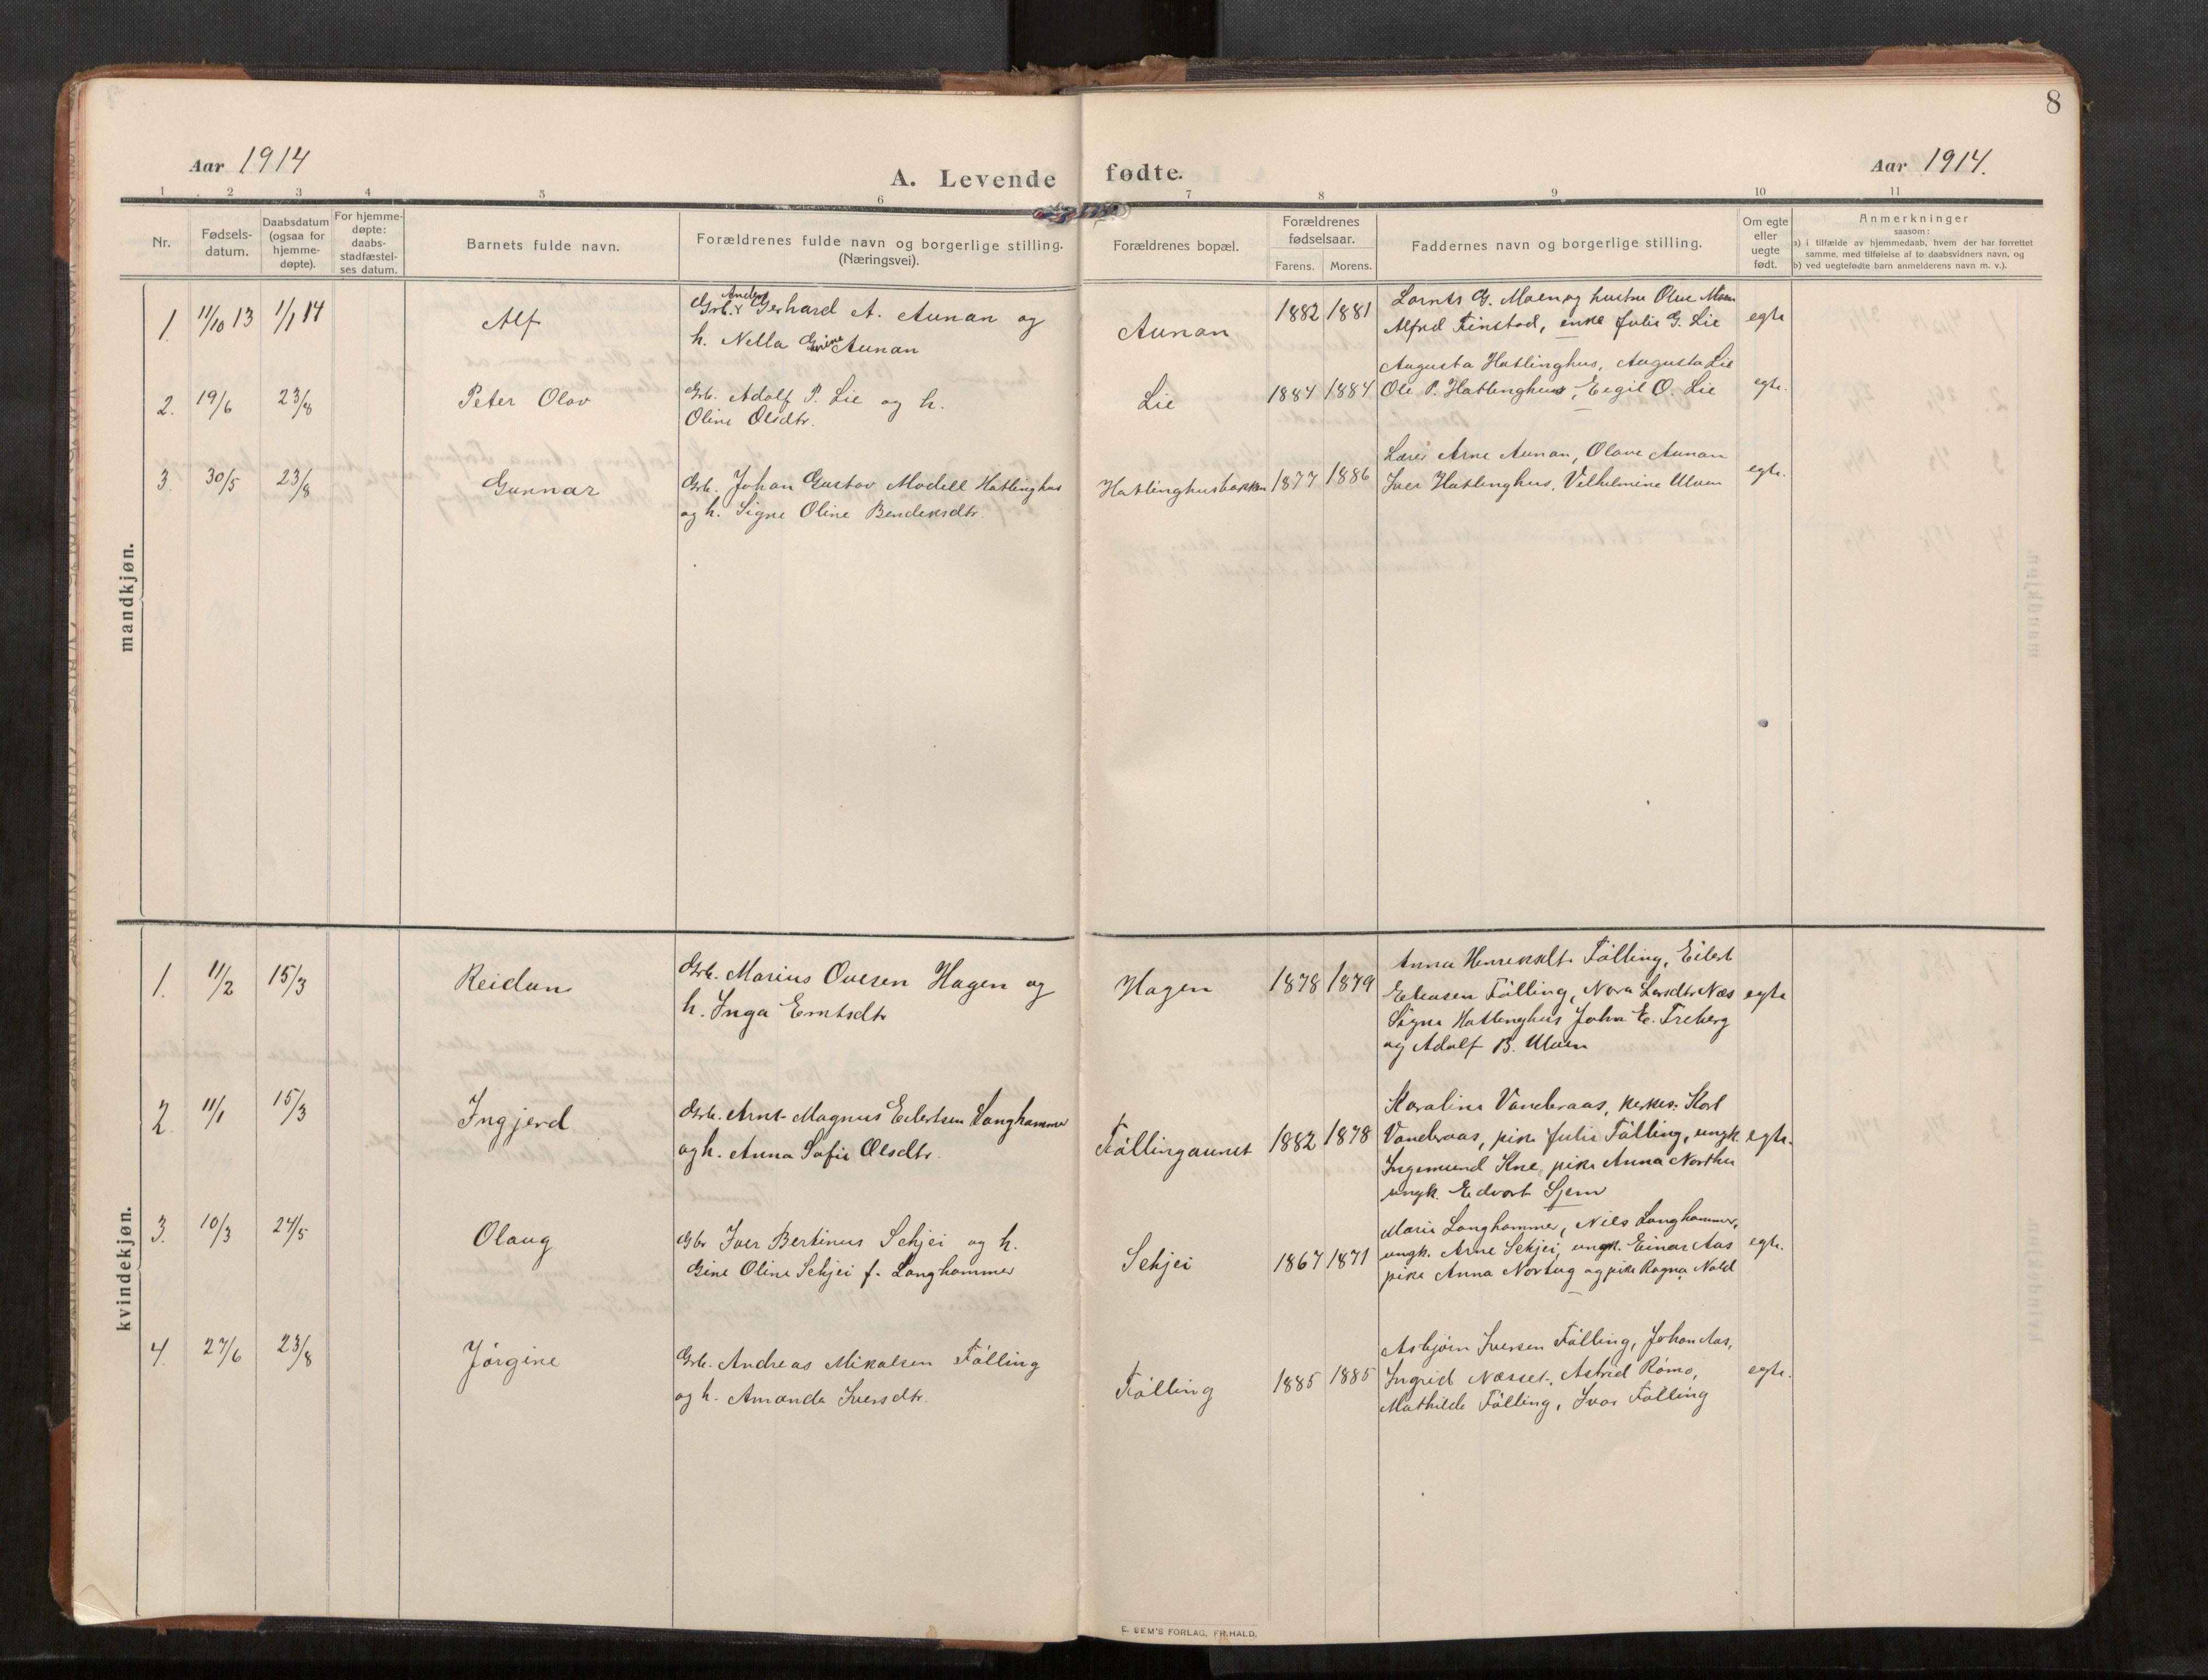 SAT, Stod sokneprestkontor, I/I1/I1a/L0003: Parish register (official) no. 3, 1909-1934, p. 8